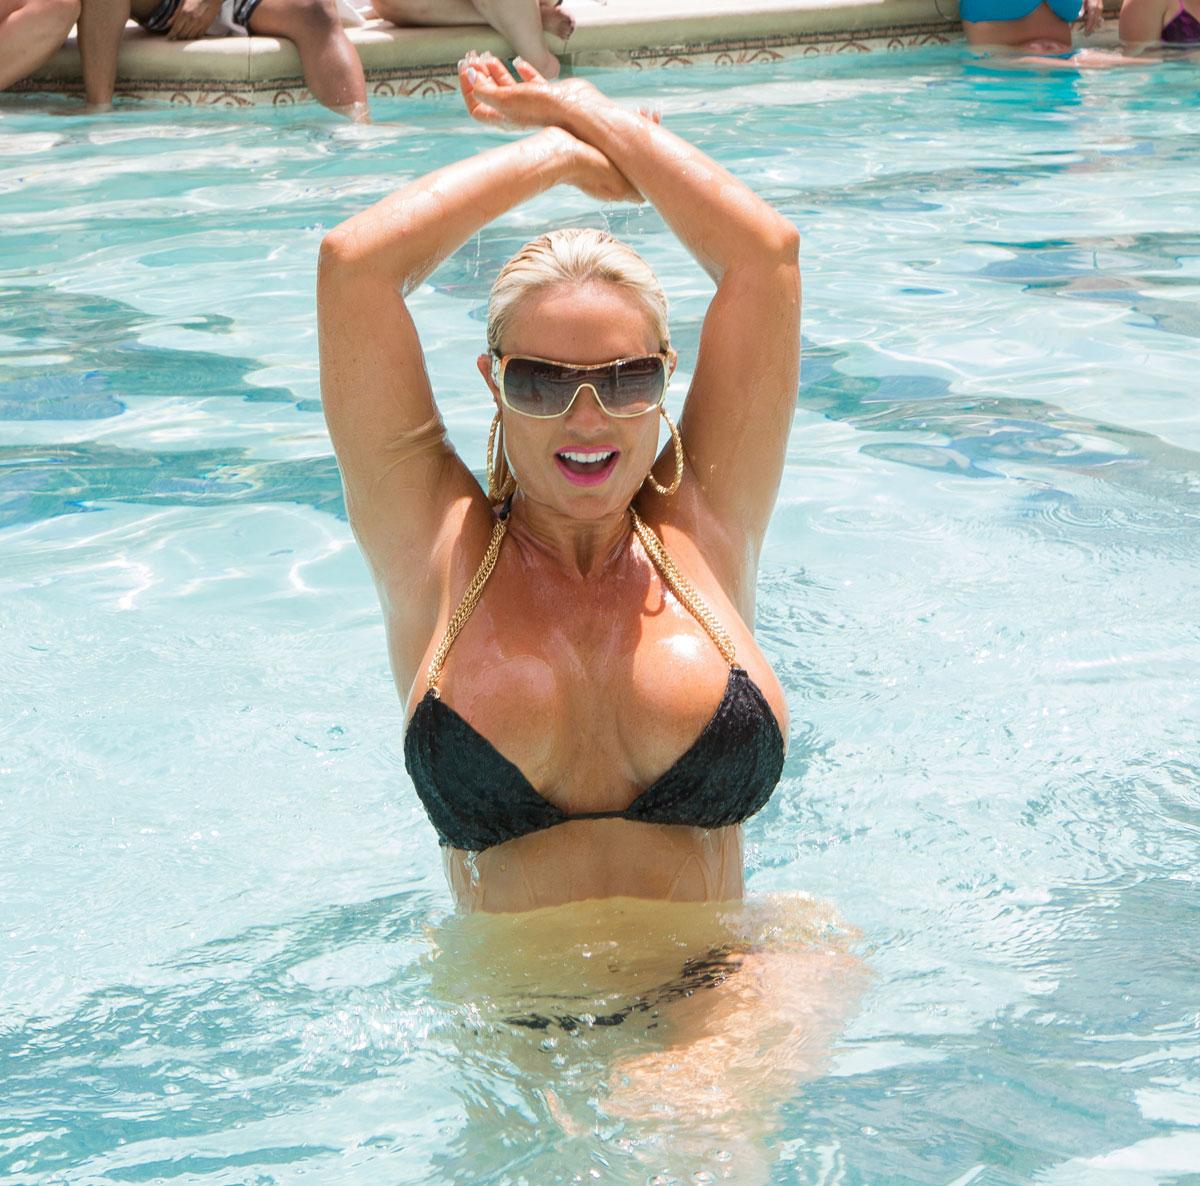 austin bikini coco Nicole